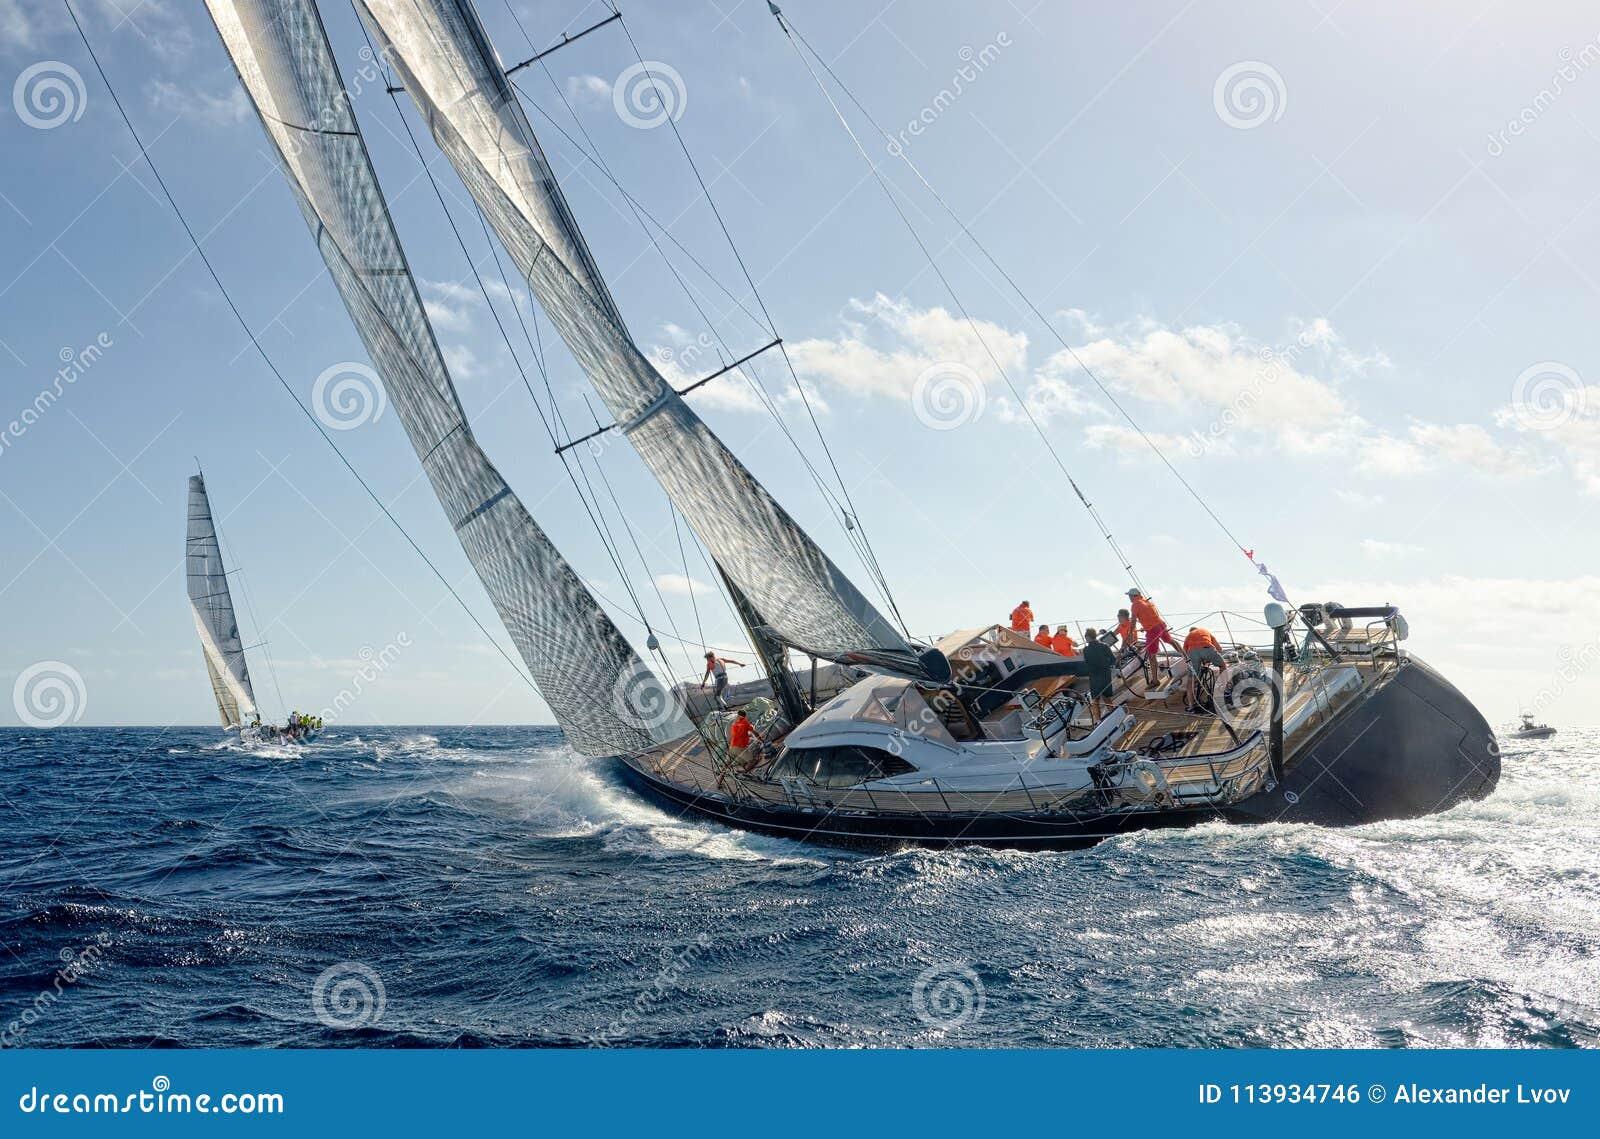 Żeglowanie jachtu rasa _ Żeglowanie jachty w morzu